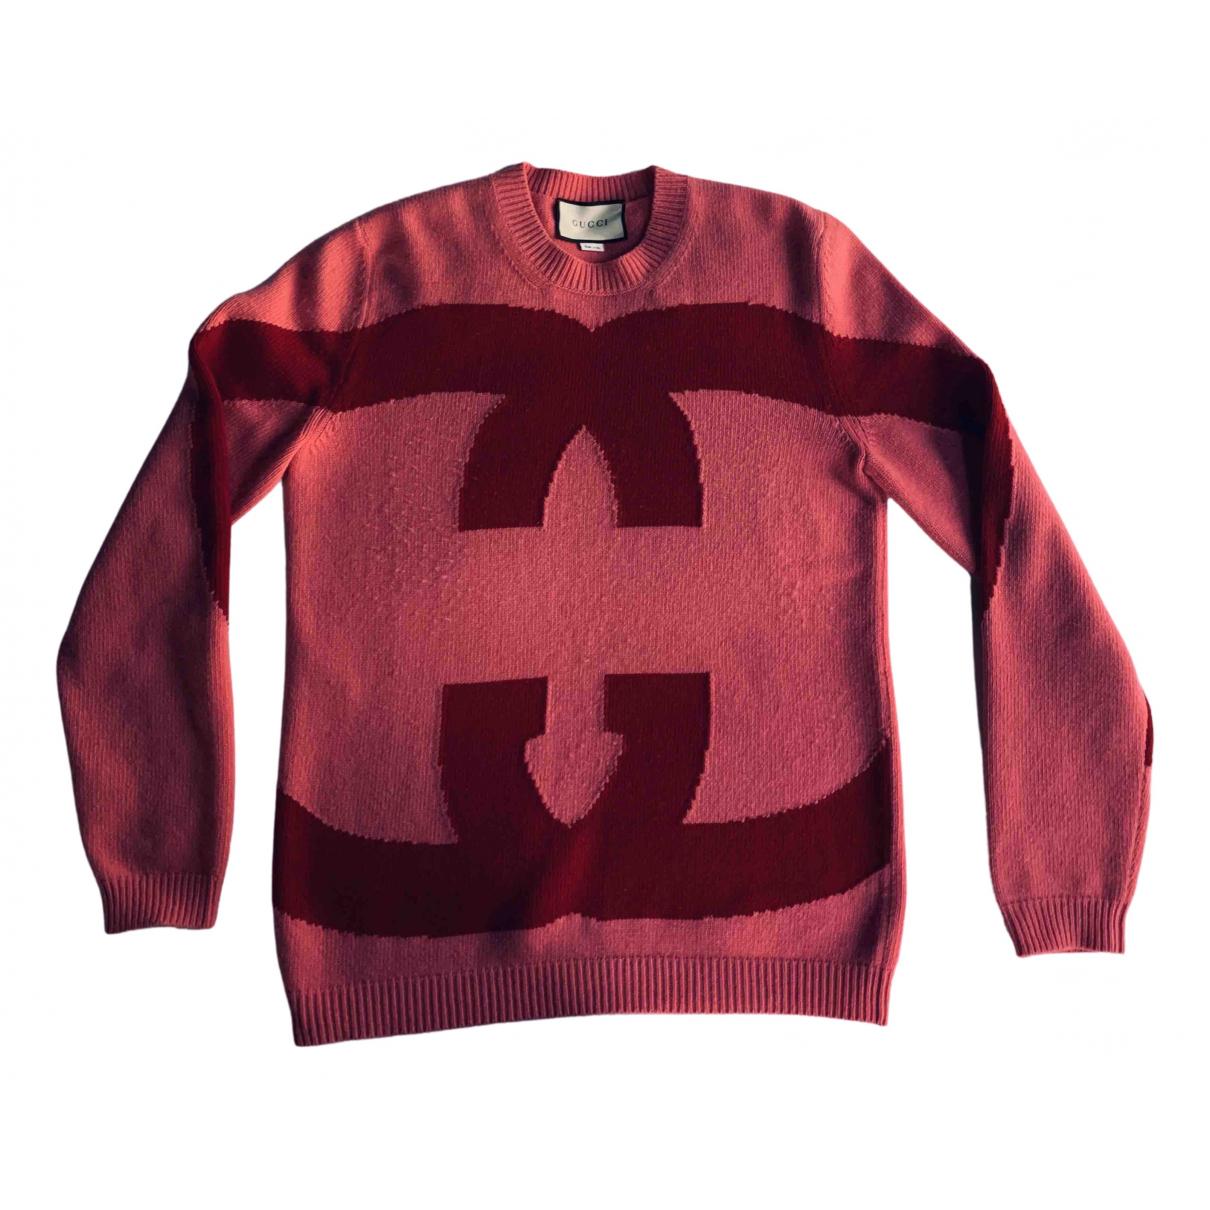 Gucci N Pink Wool Knitwear for Women M International